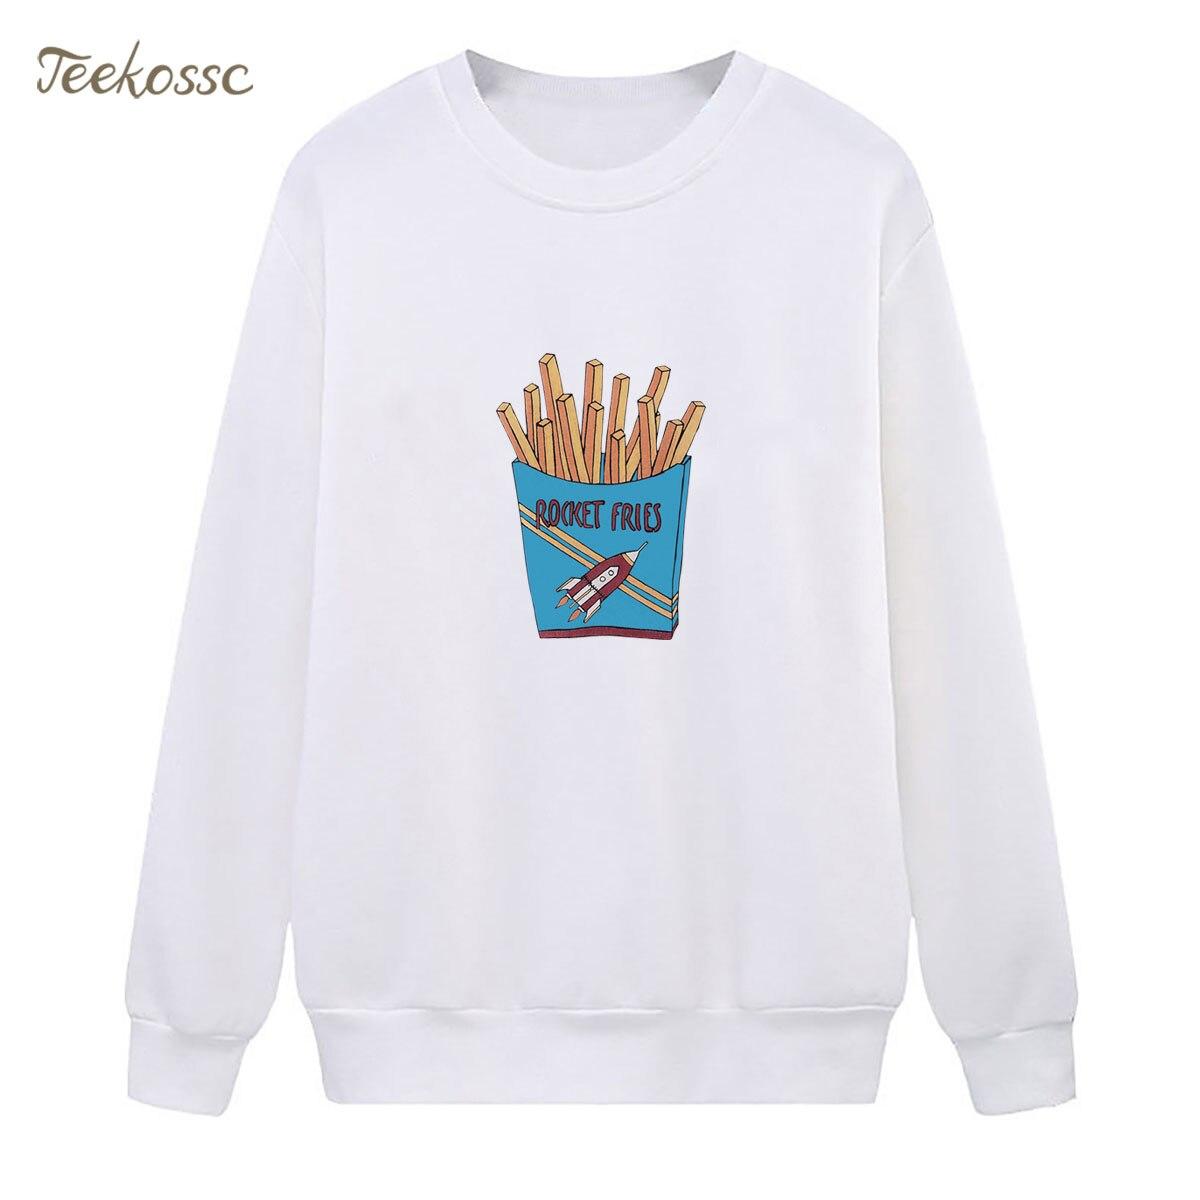 Rocket Fries Sweatshirts White Print Hoodie 2018 New Fashion Winter Autumn Women Lady Pullover Fleece Warm Loose Streetwear